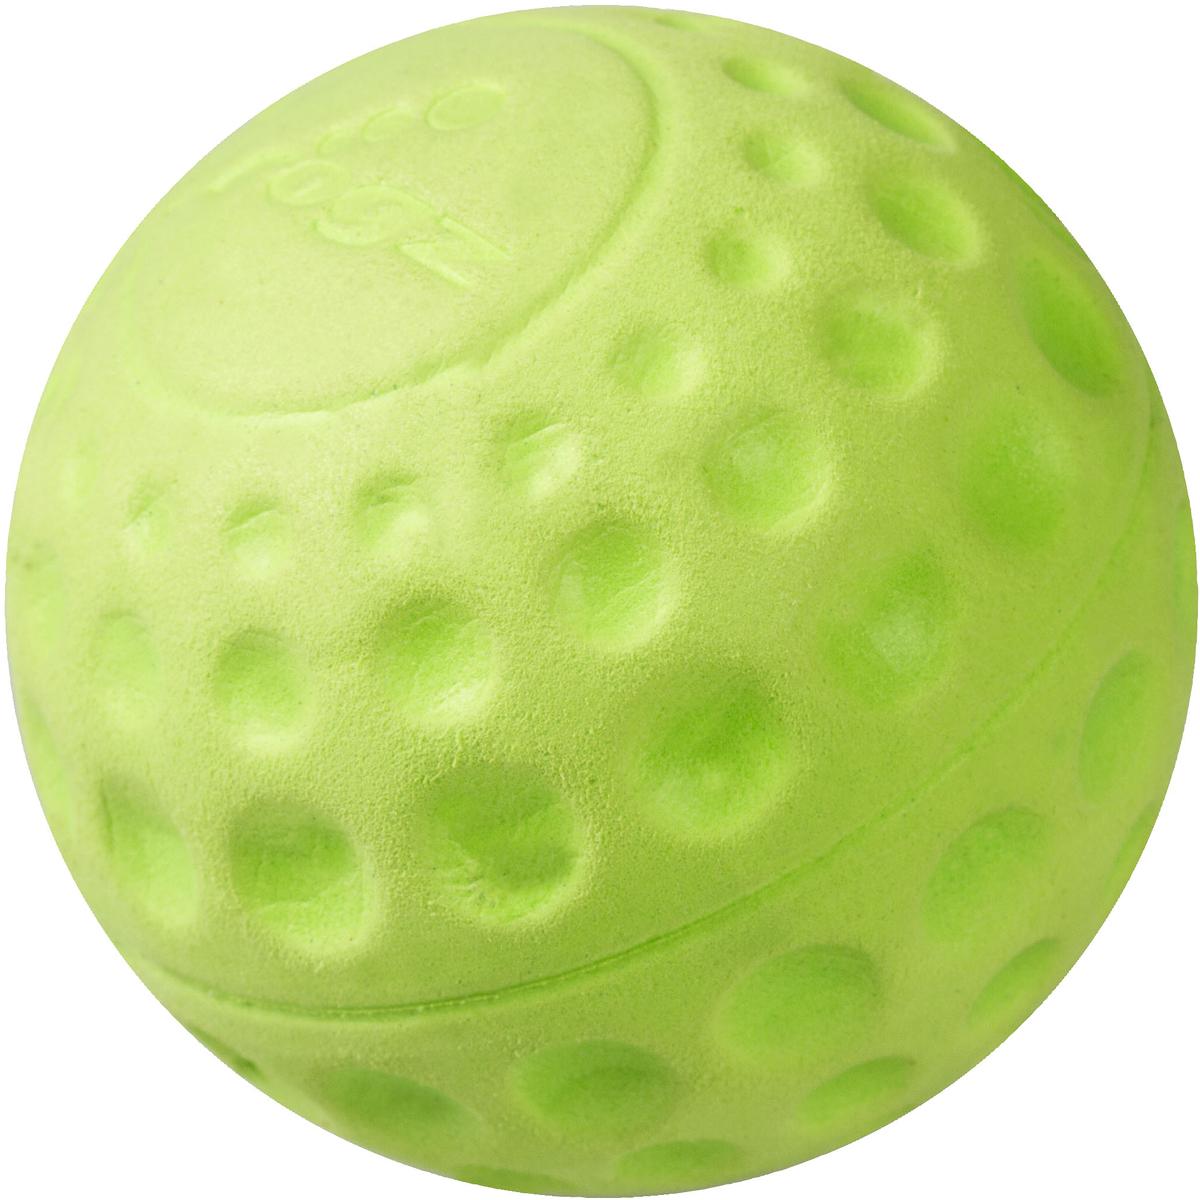 Игрушка для собак Rogz  Asteroidz , цвет: лайм, диаметр 6,4 см